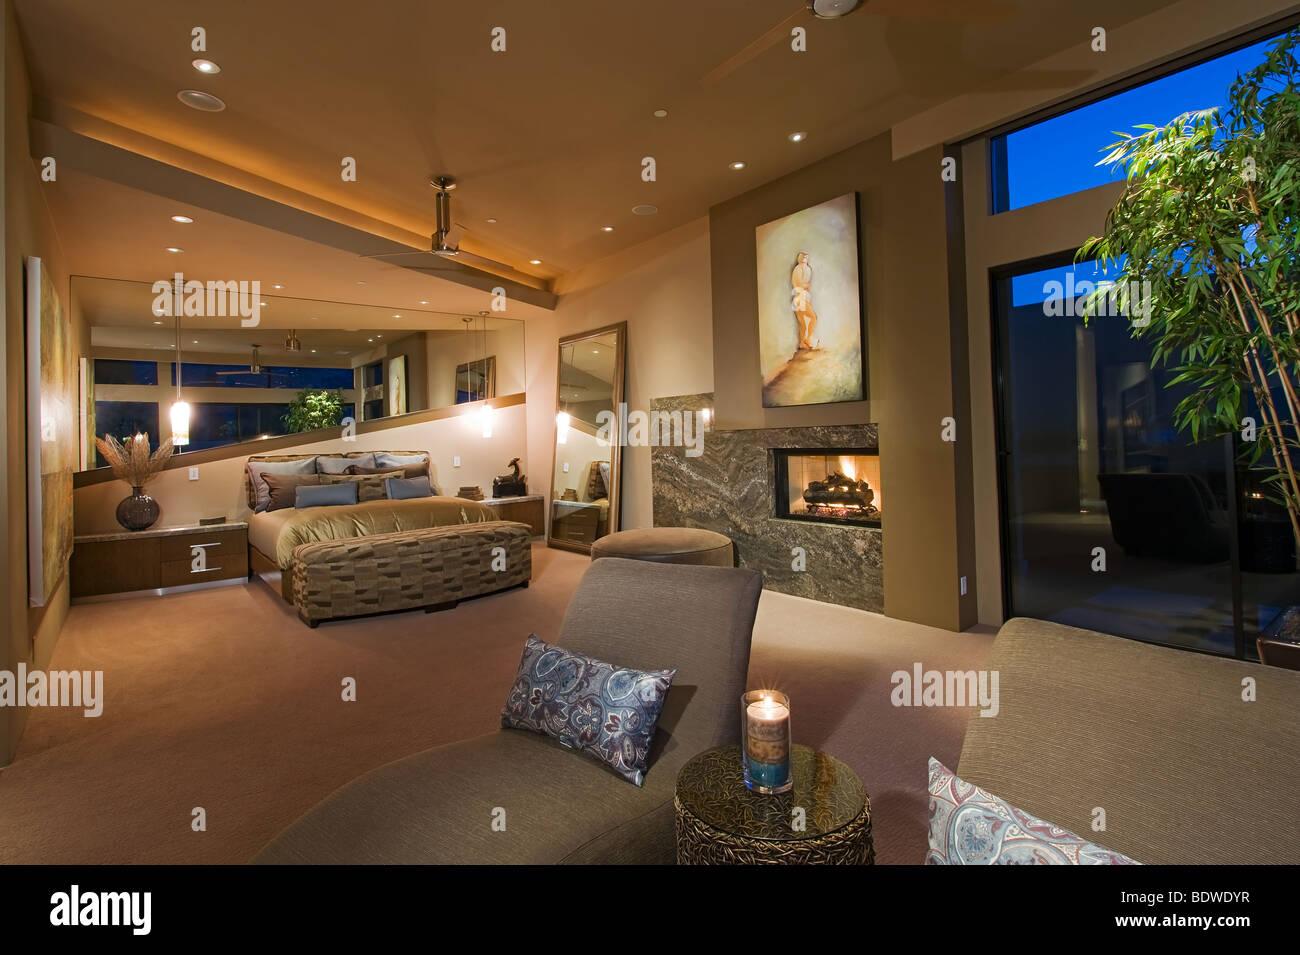 Great Romantisches Schlafzimmer Mit Kerzen Pictures >> Romantische ...